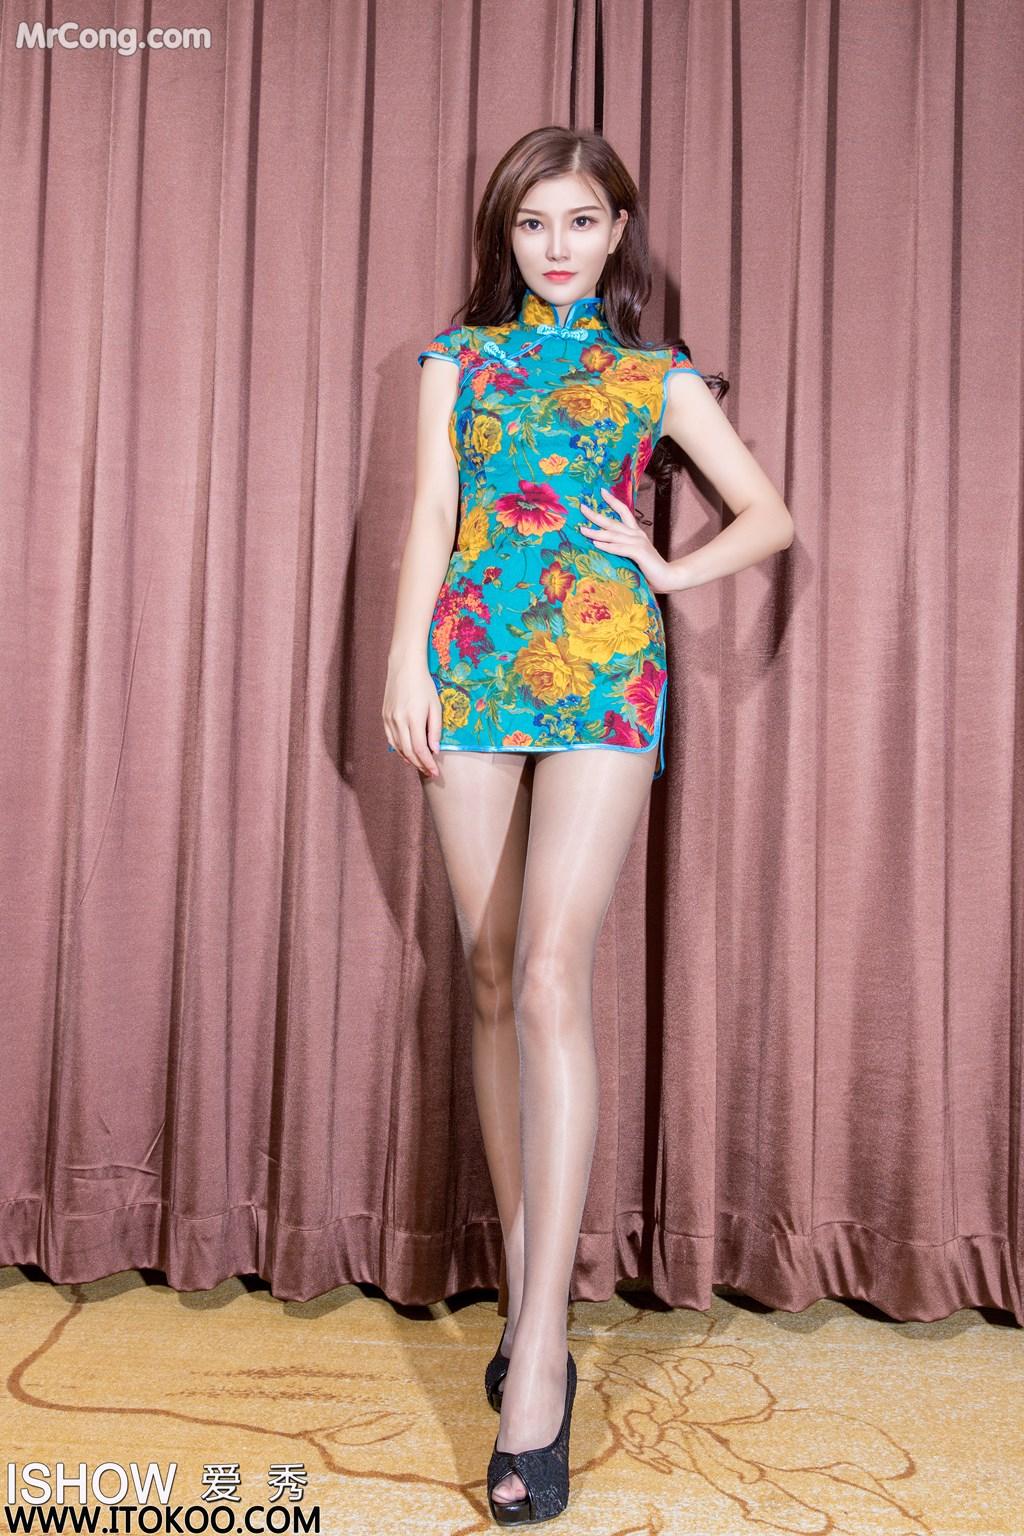 Image ISHOW-No.157-Yu-Fei-Fei-Faye-MrCong.com-002 in post ISHOW No.157: Người mẫu Yu Fei Fei (余菲菲Faye) (31 ảnh)